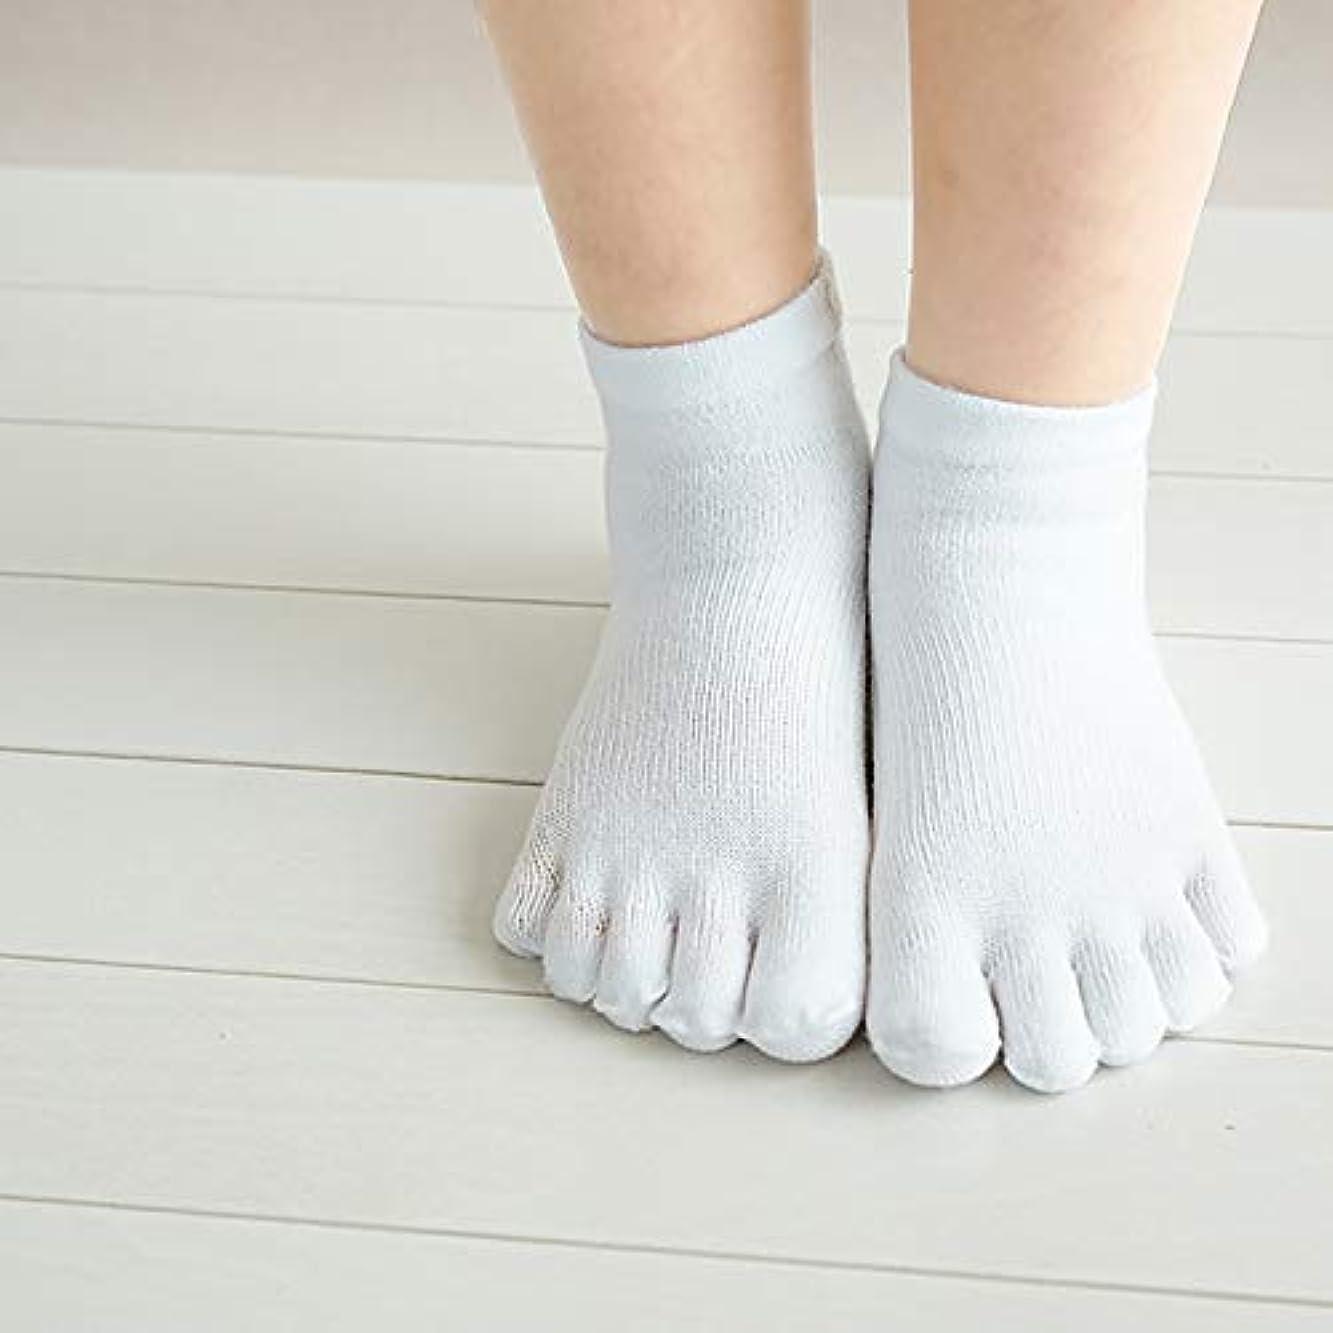 カポックレッドデートモンクゆびのばソックス Neo アズキッズ ホワイト 幼児用靴下 5本指ソックス